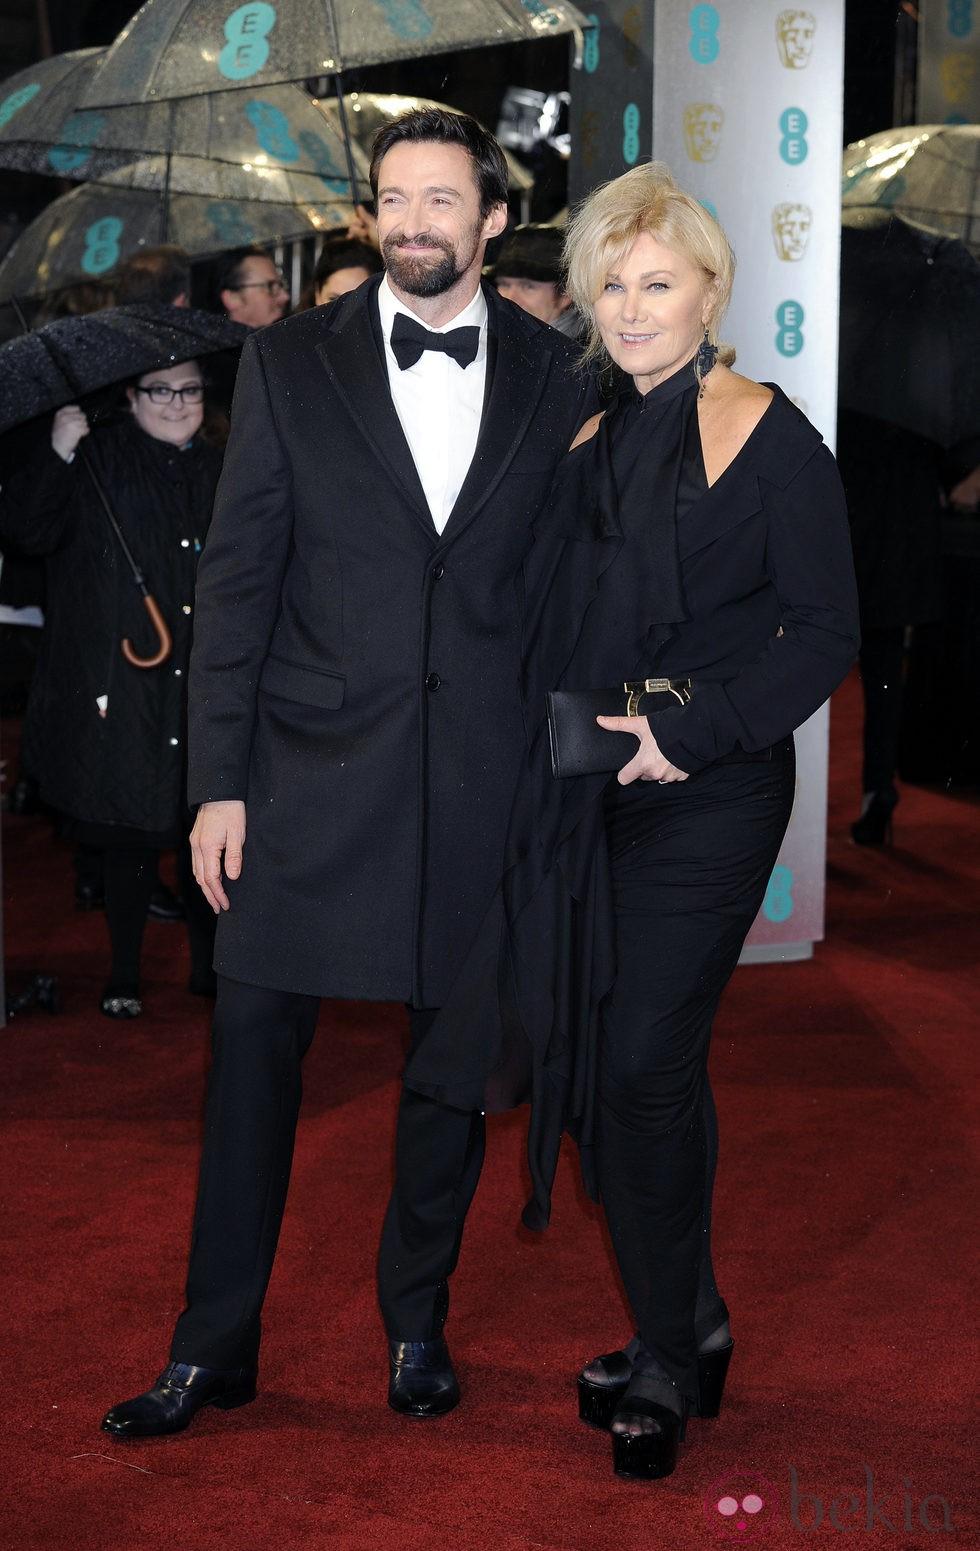 Hugh Jackman en la alfombra roja de los BAFTA 2013